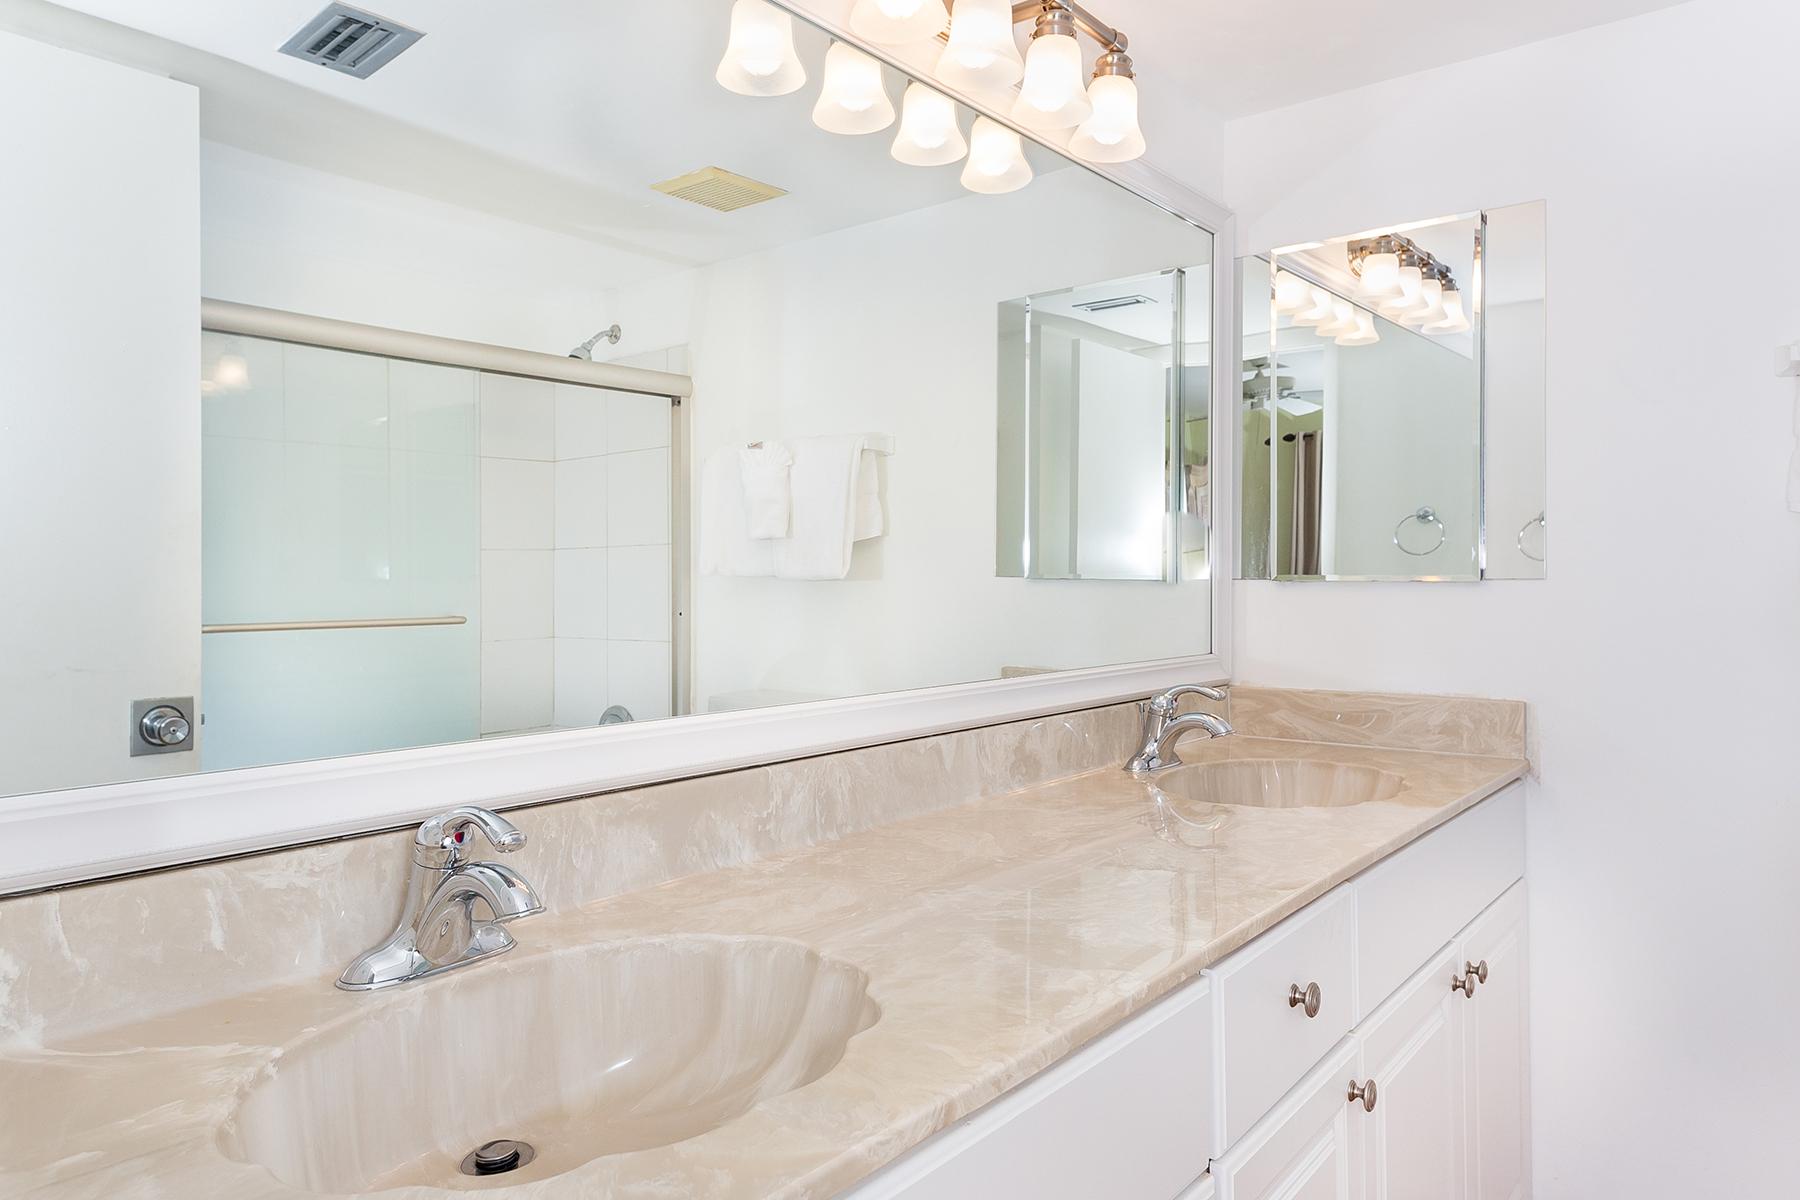 Additional photo for property listing at CAPTIVA 15291  Captiva Dr,  Captiva, Florida 33924 United States